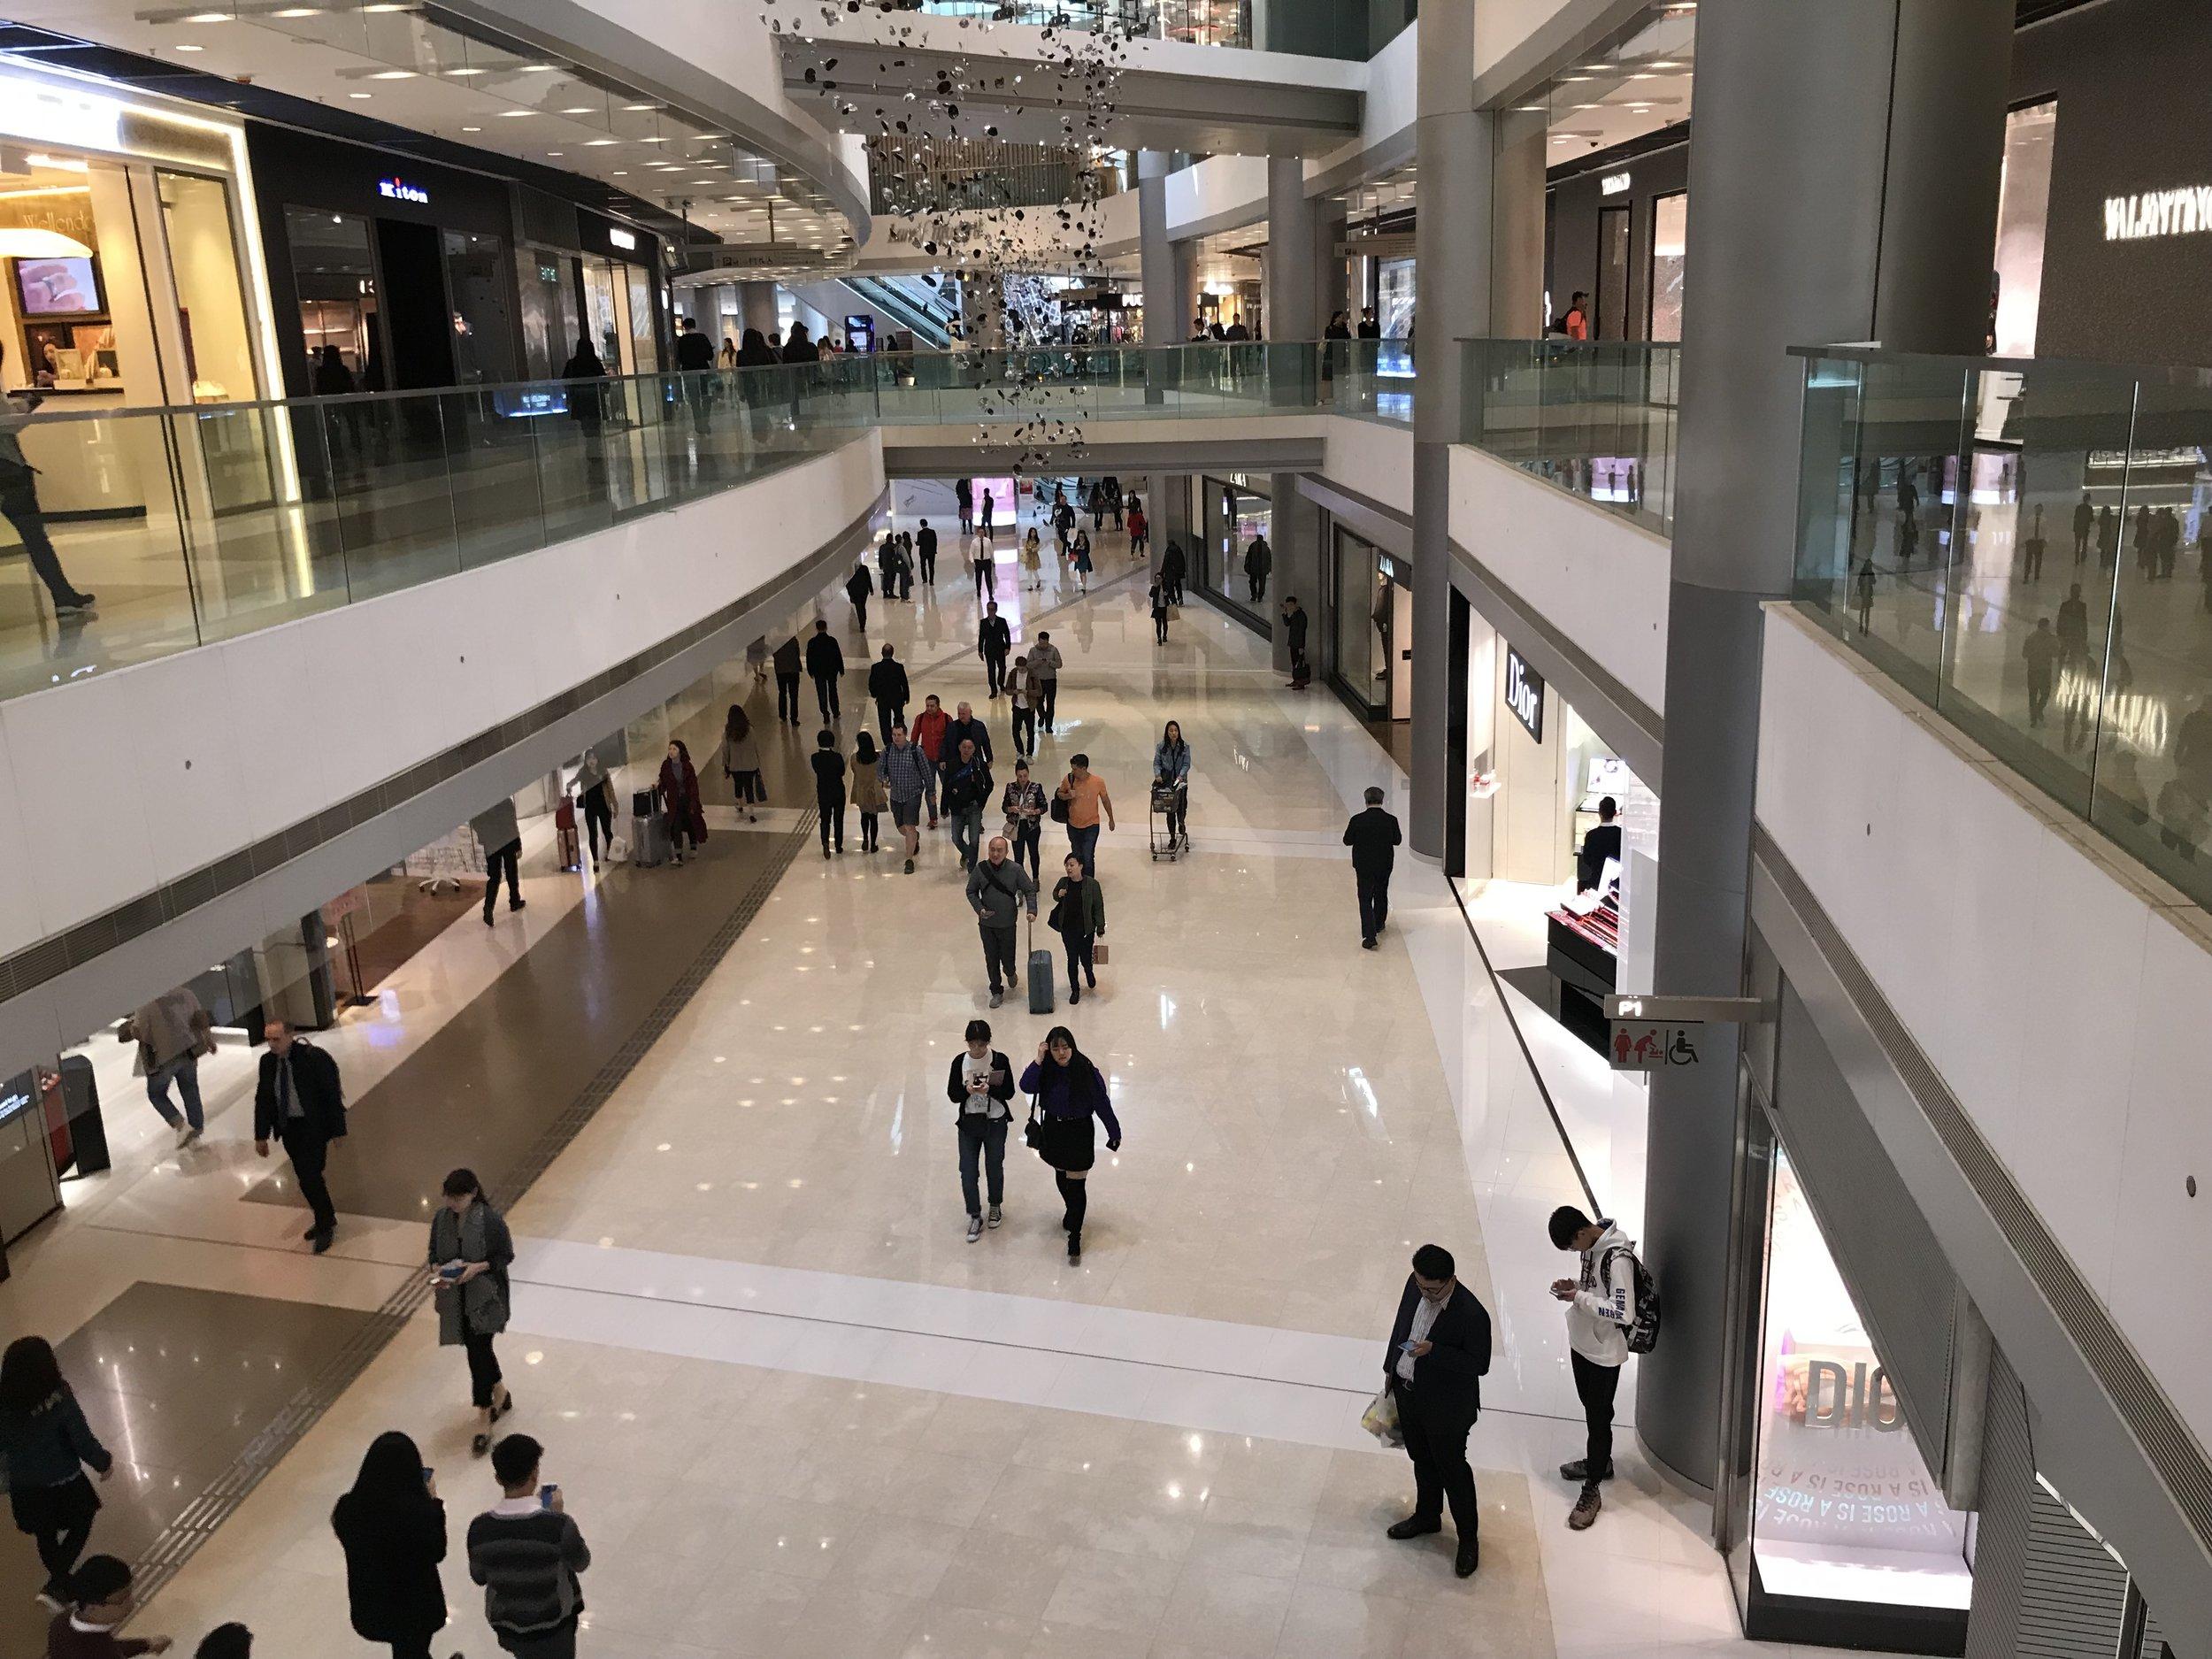 Đảo Hong Kong cho thấy sự sang trọng và lịch thiệp của nó qua những cách trưng bầy khuyến mãi trong các khu mua sắm.